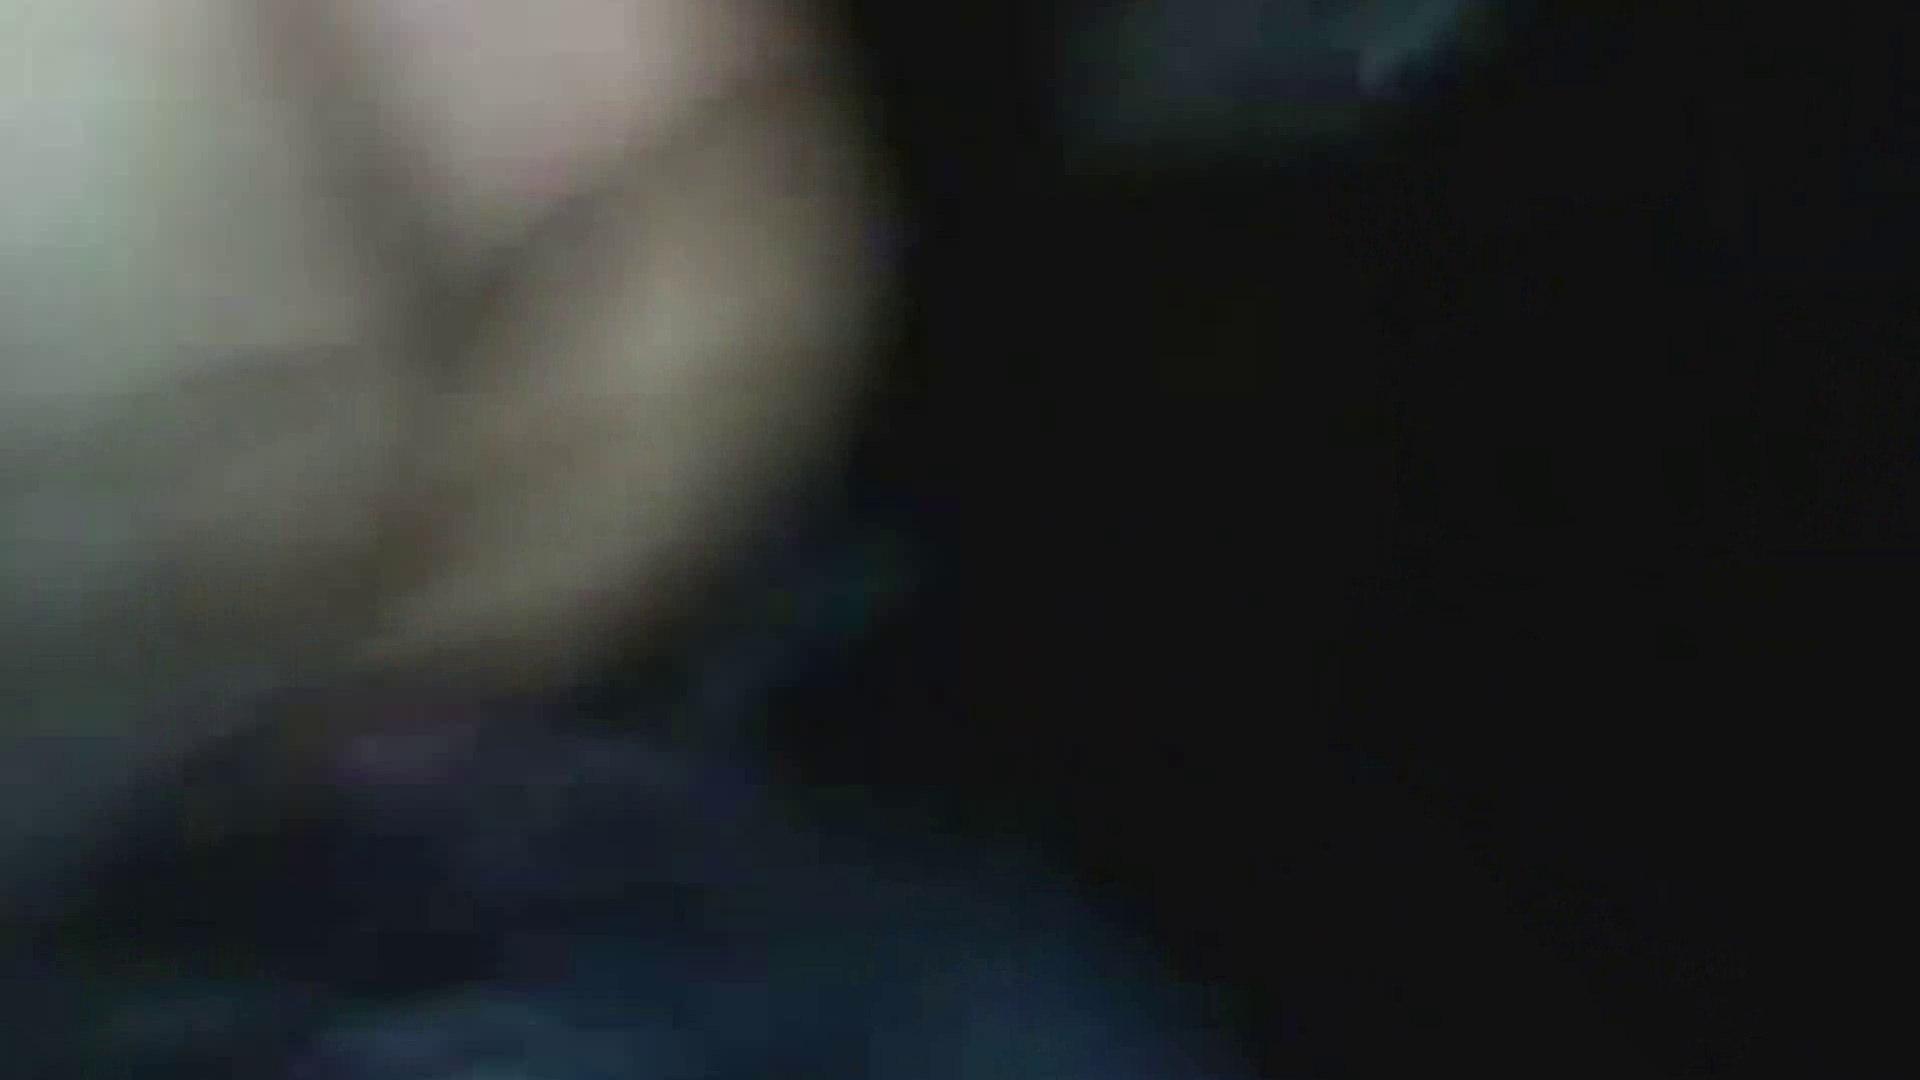 細マッチョのオナニー 私服がかっこいい ゲイセックス画像 57枚 10